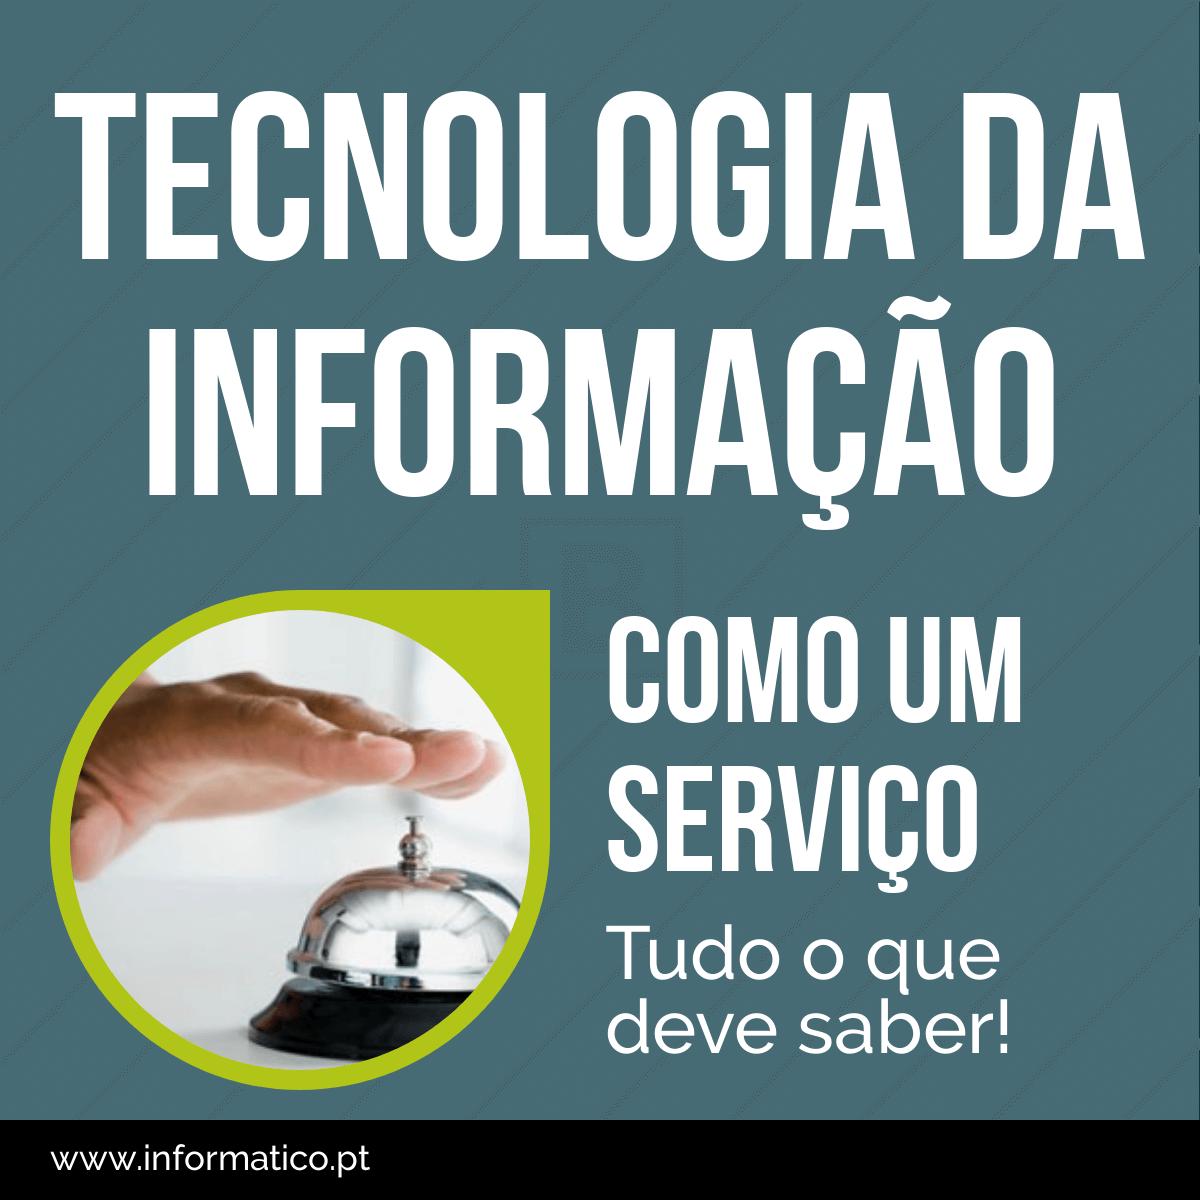 tecnologia como um serviço